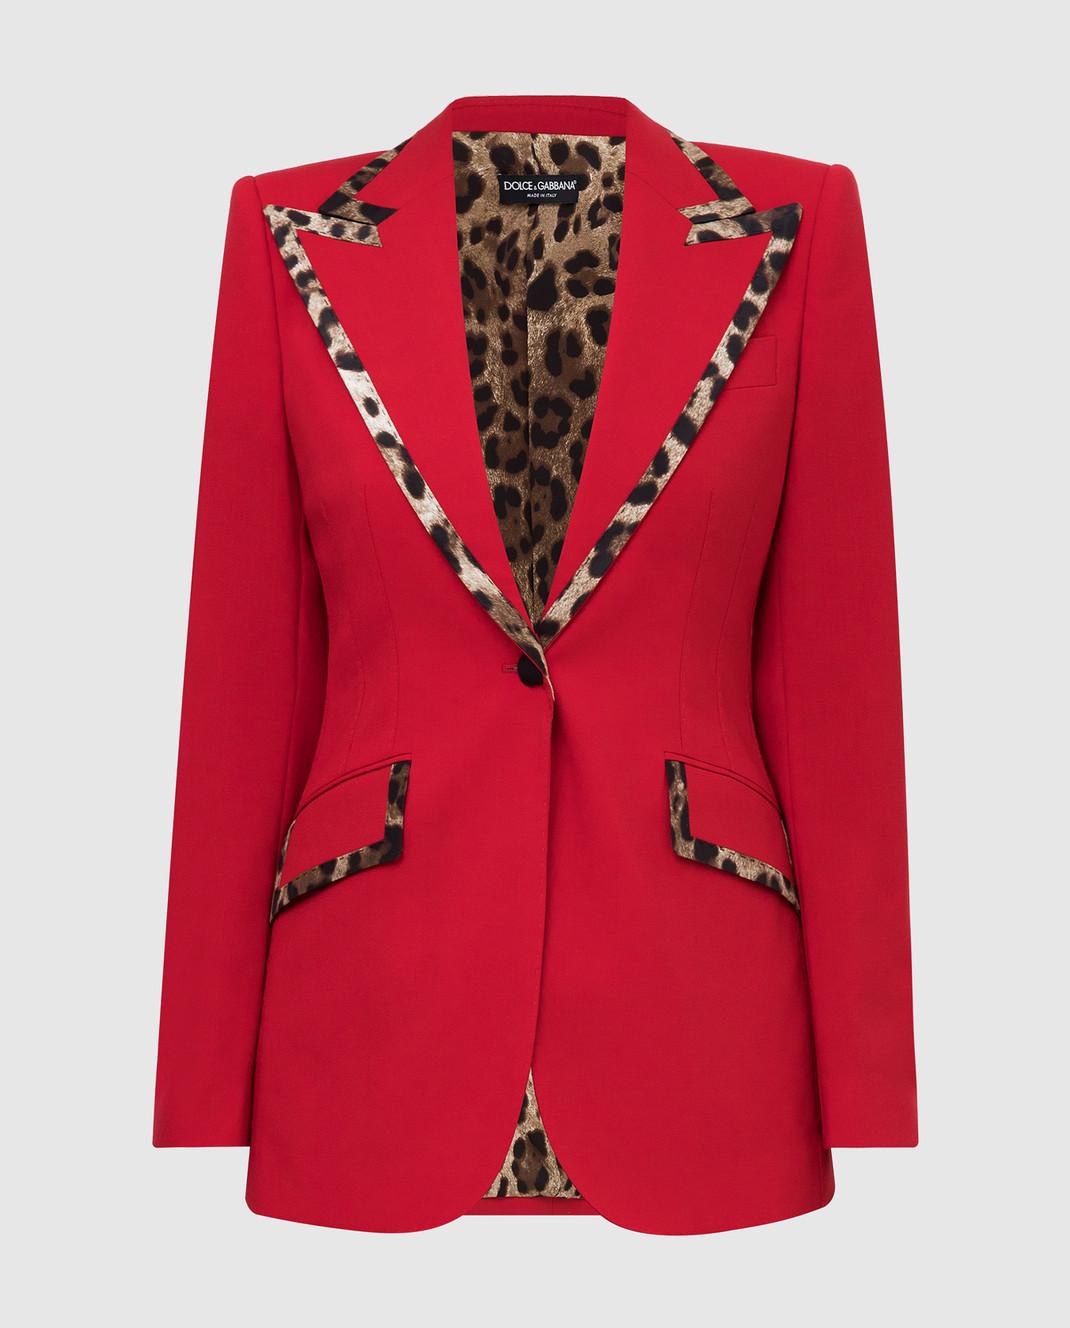 Dolce&Gabbana Красный жакет из шерсти изображение 1